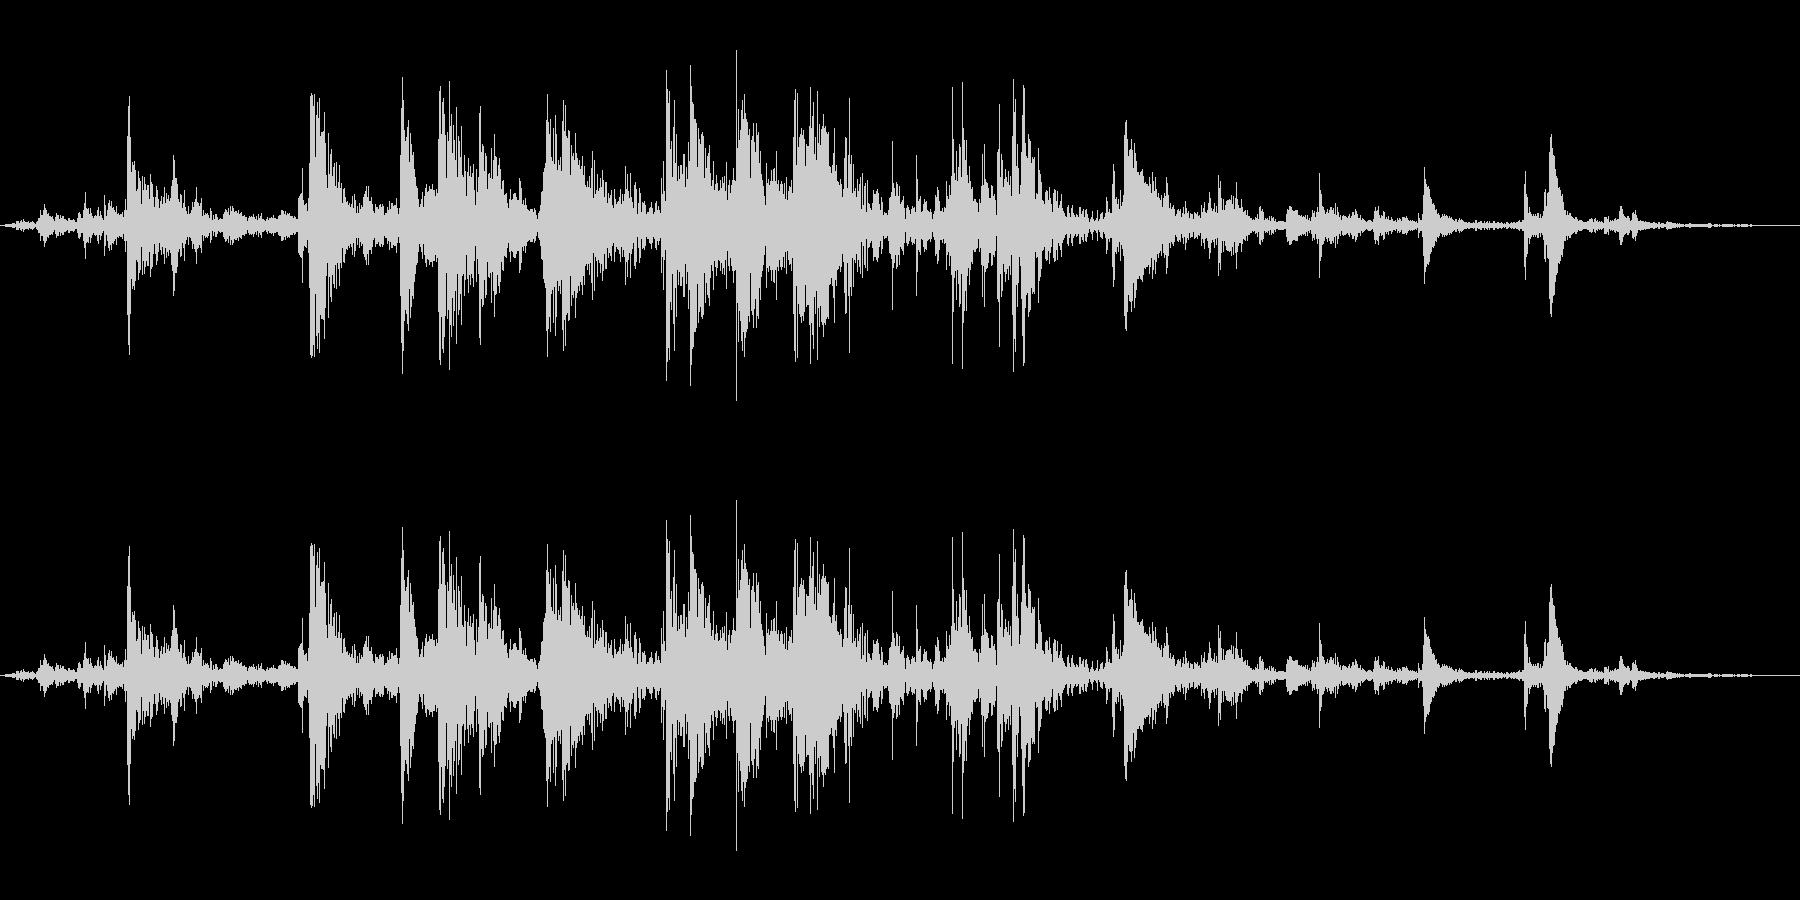 氷を入れる音(カランカラン)の未再生の波形